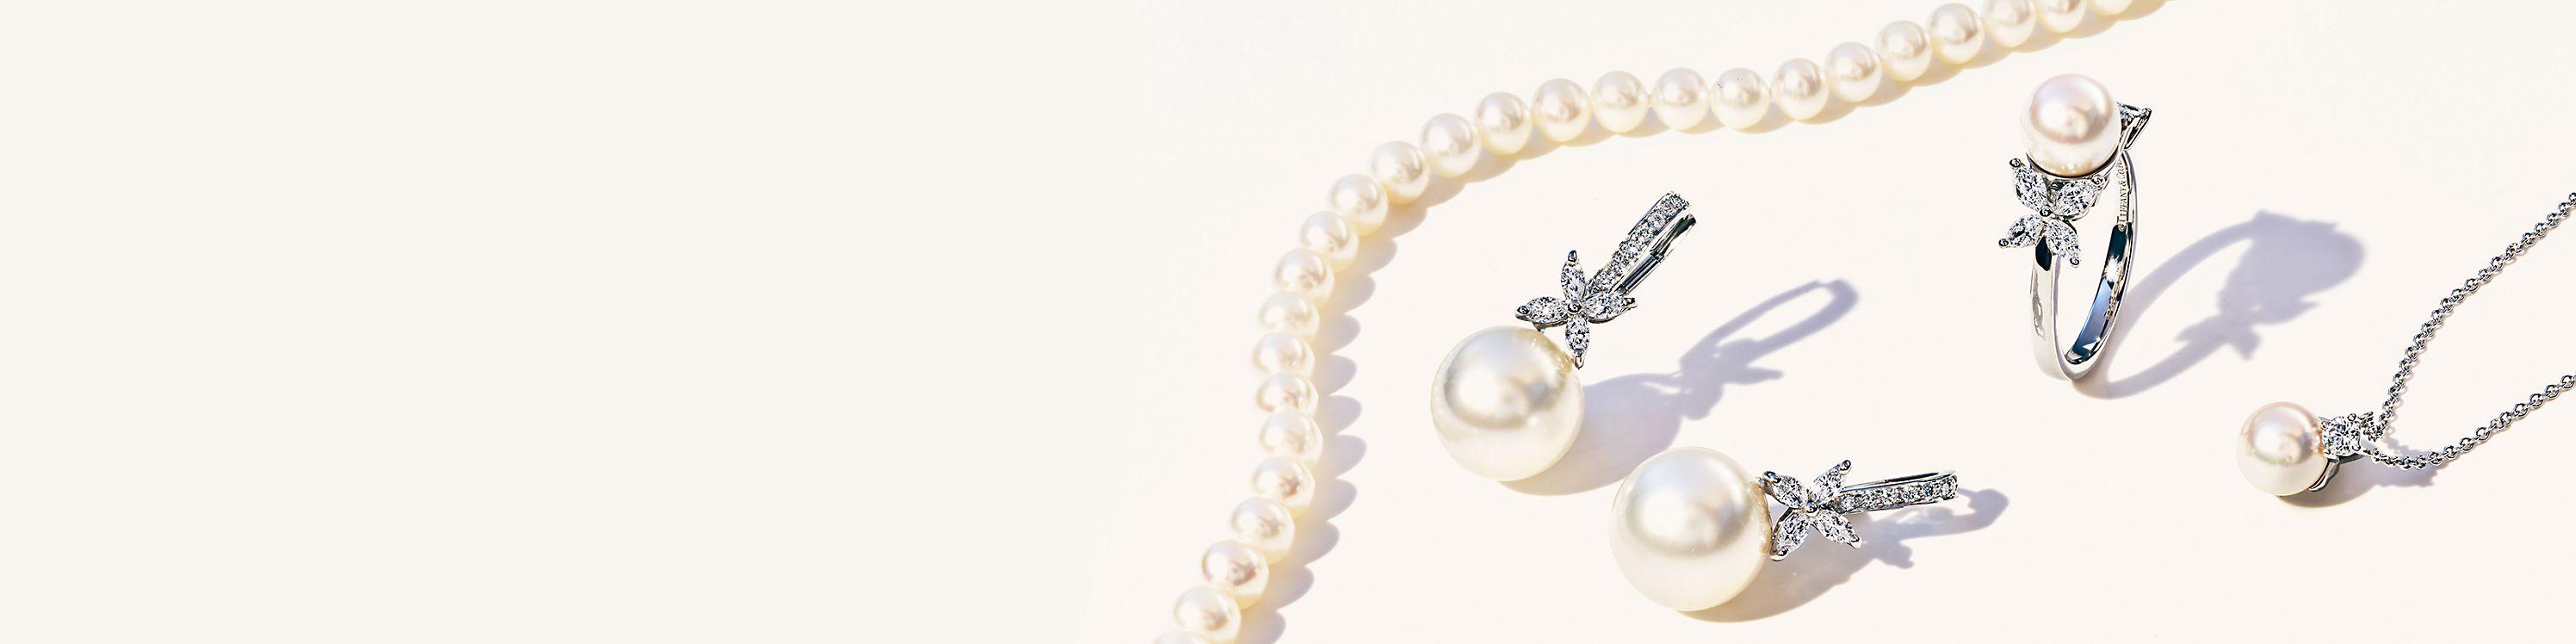 09ddcfd4143f5 Pearl Jewelry | Tiffany & Co.